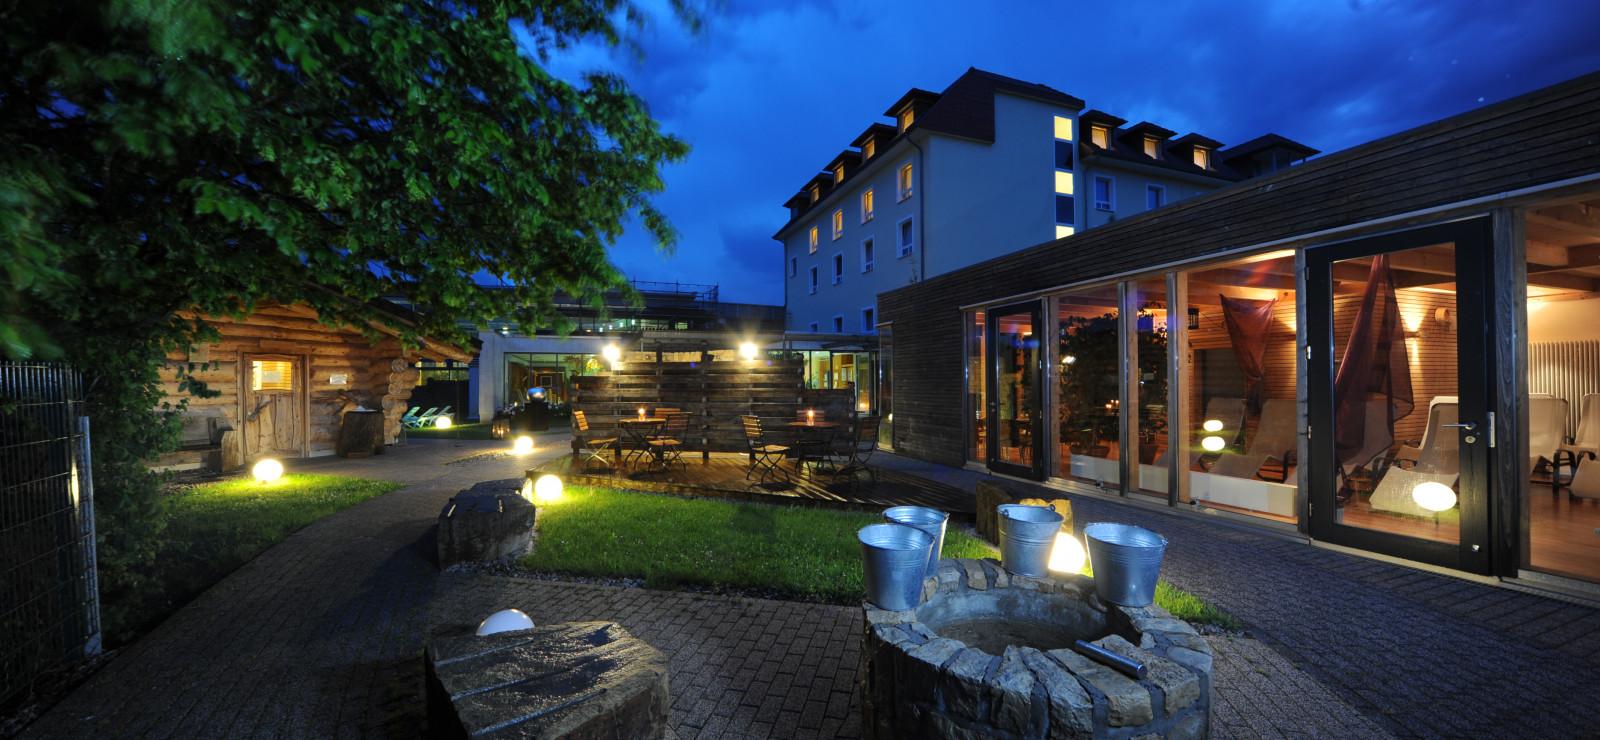 Parkhotel Weiskirchen Bilder | Bild 1